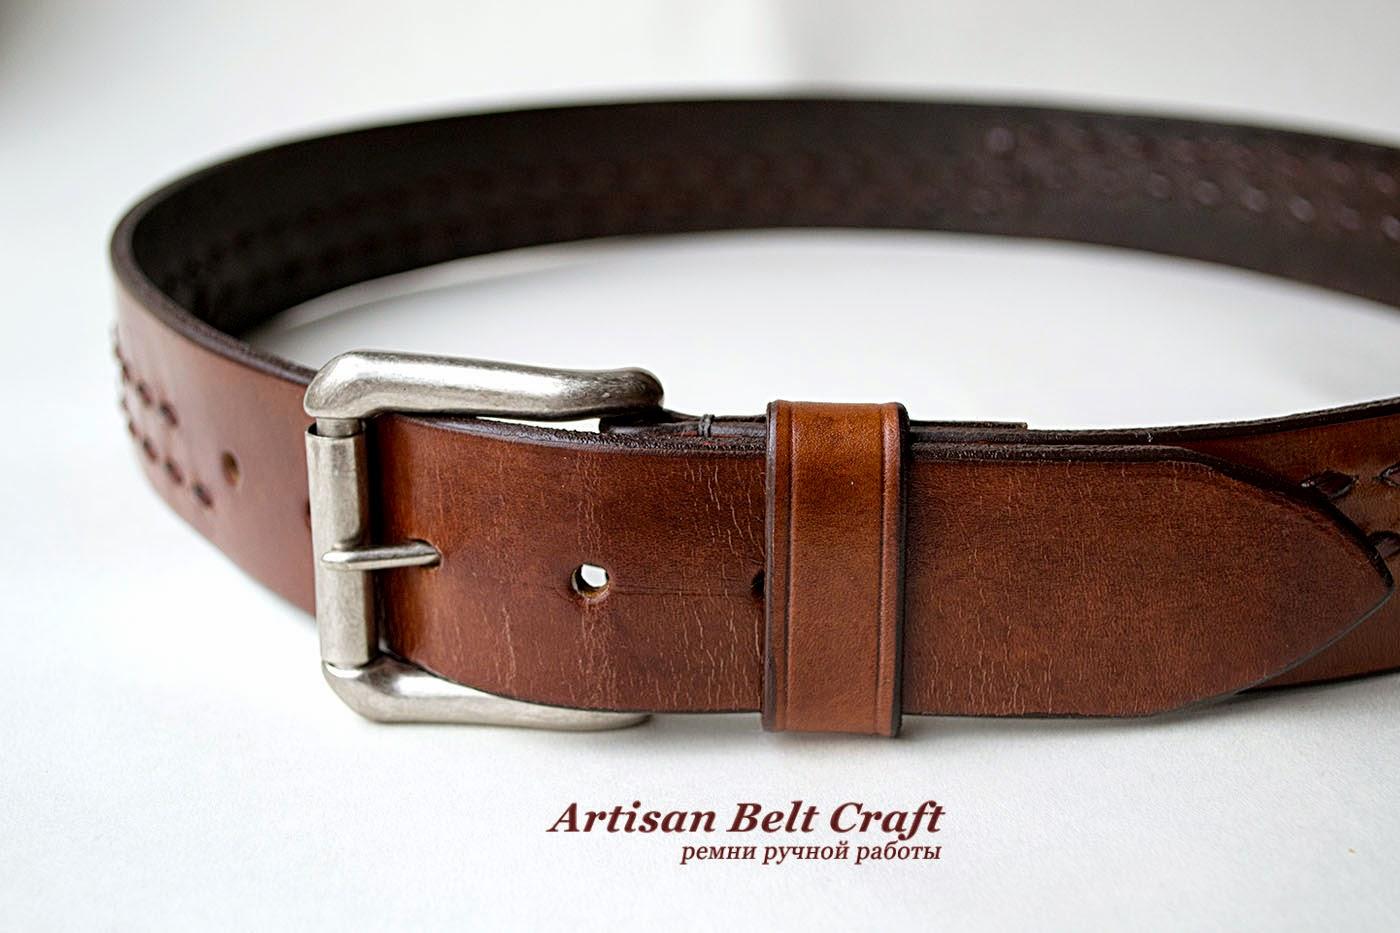 кожаный ремень табачно-коричневого цвета